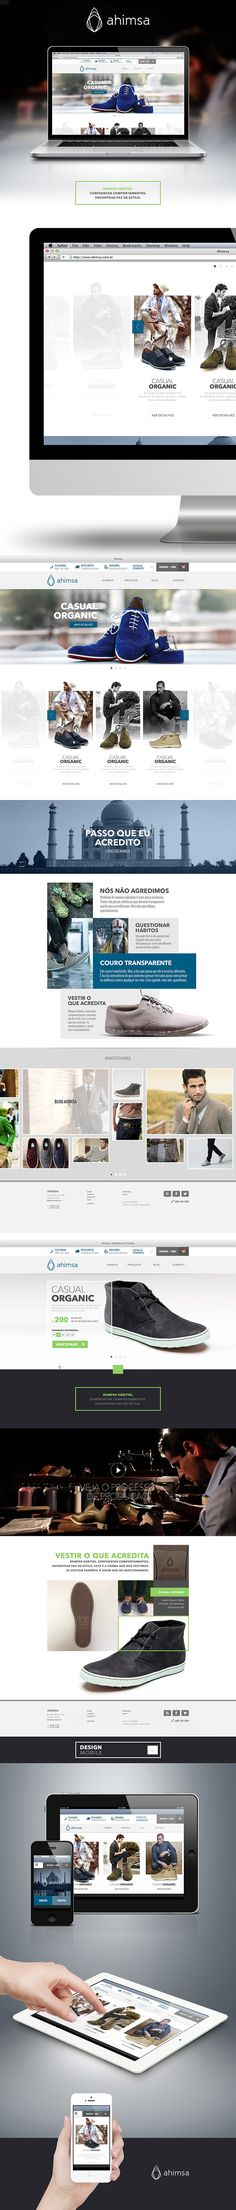 https://www.behance.net/gallery/19554249/E-commerce-Ahimsa